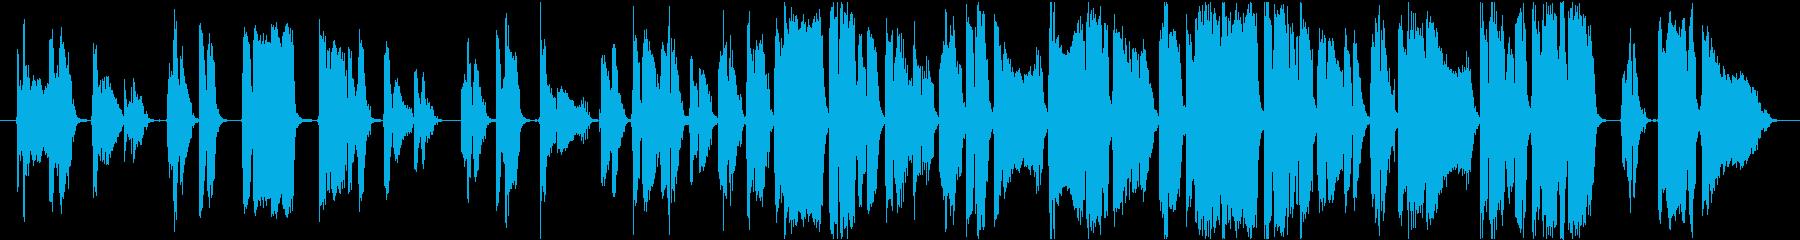 アメイジング グレイス透明感ある歌声の再生済みの波形